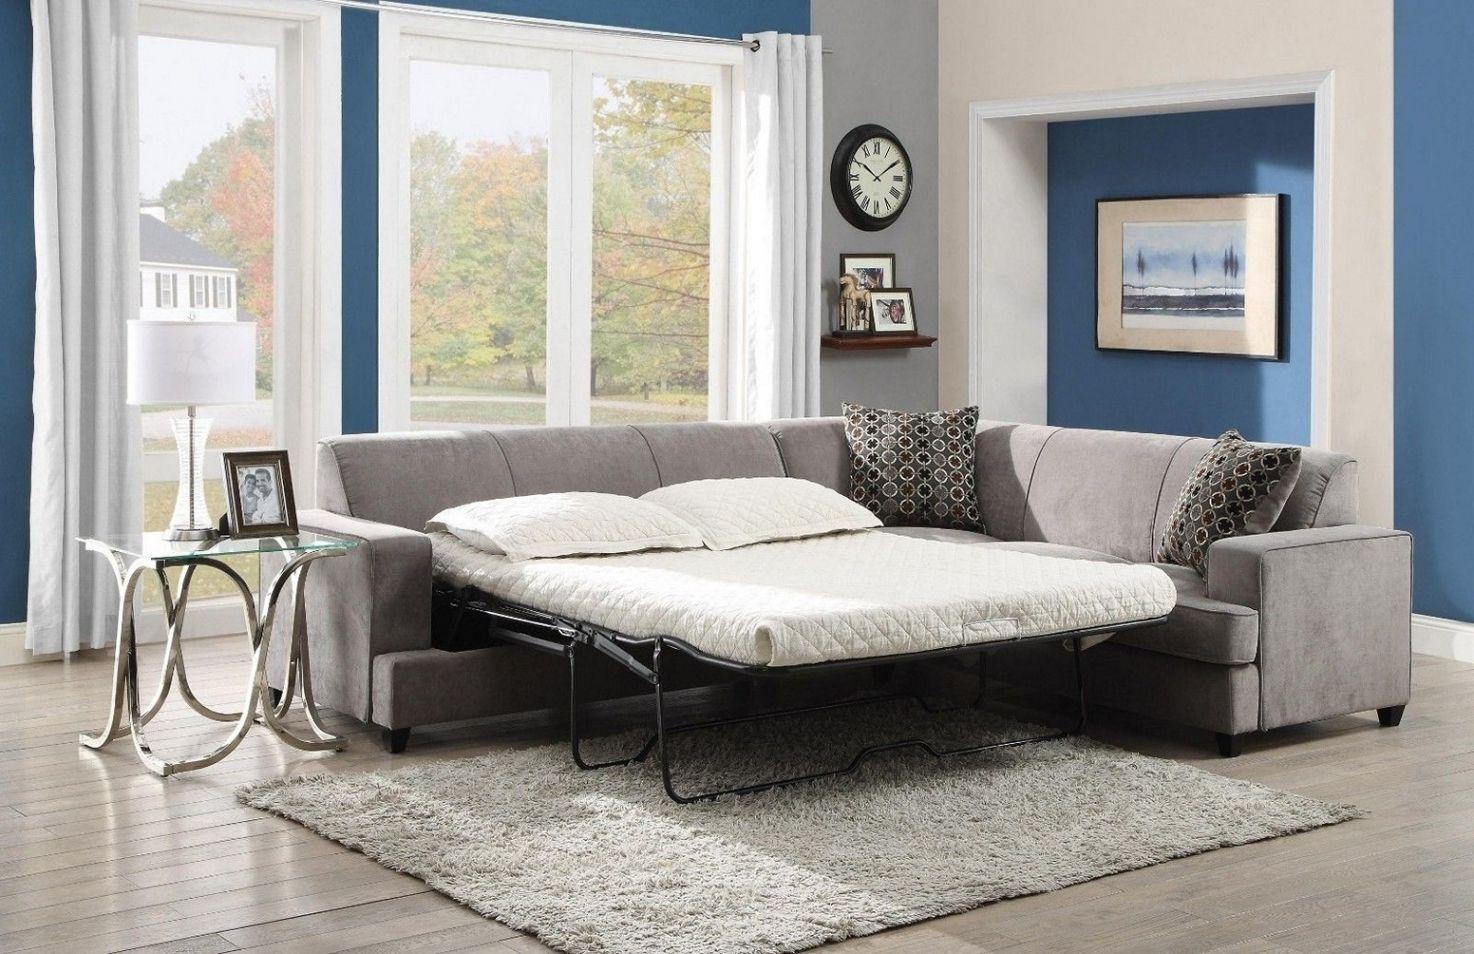 Wonderful Sleeper Sofas Ideen Verstecken Gemutliche Mobel Zum Schlafen Home Dekoration Ideas Ecksofa Schlaffunktion Ecksofas Wohnzimmer Sofa